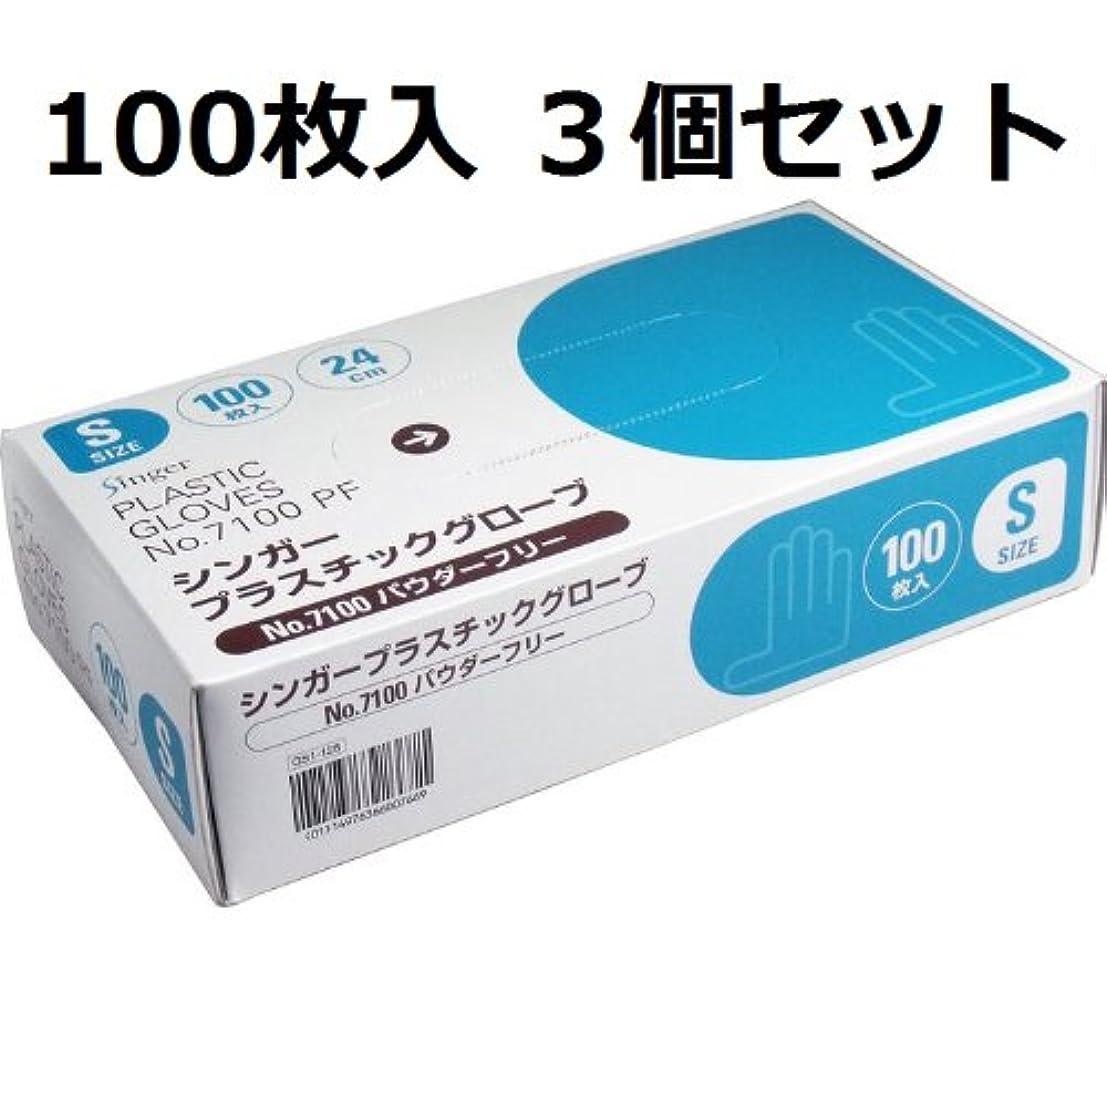 巧みな探検ディレイ素手感覚でお使いいただる シンガープラスチックグローブ No.7100 パウダーフリー Sサイズ 100枚入 3個セット